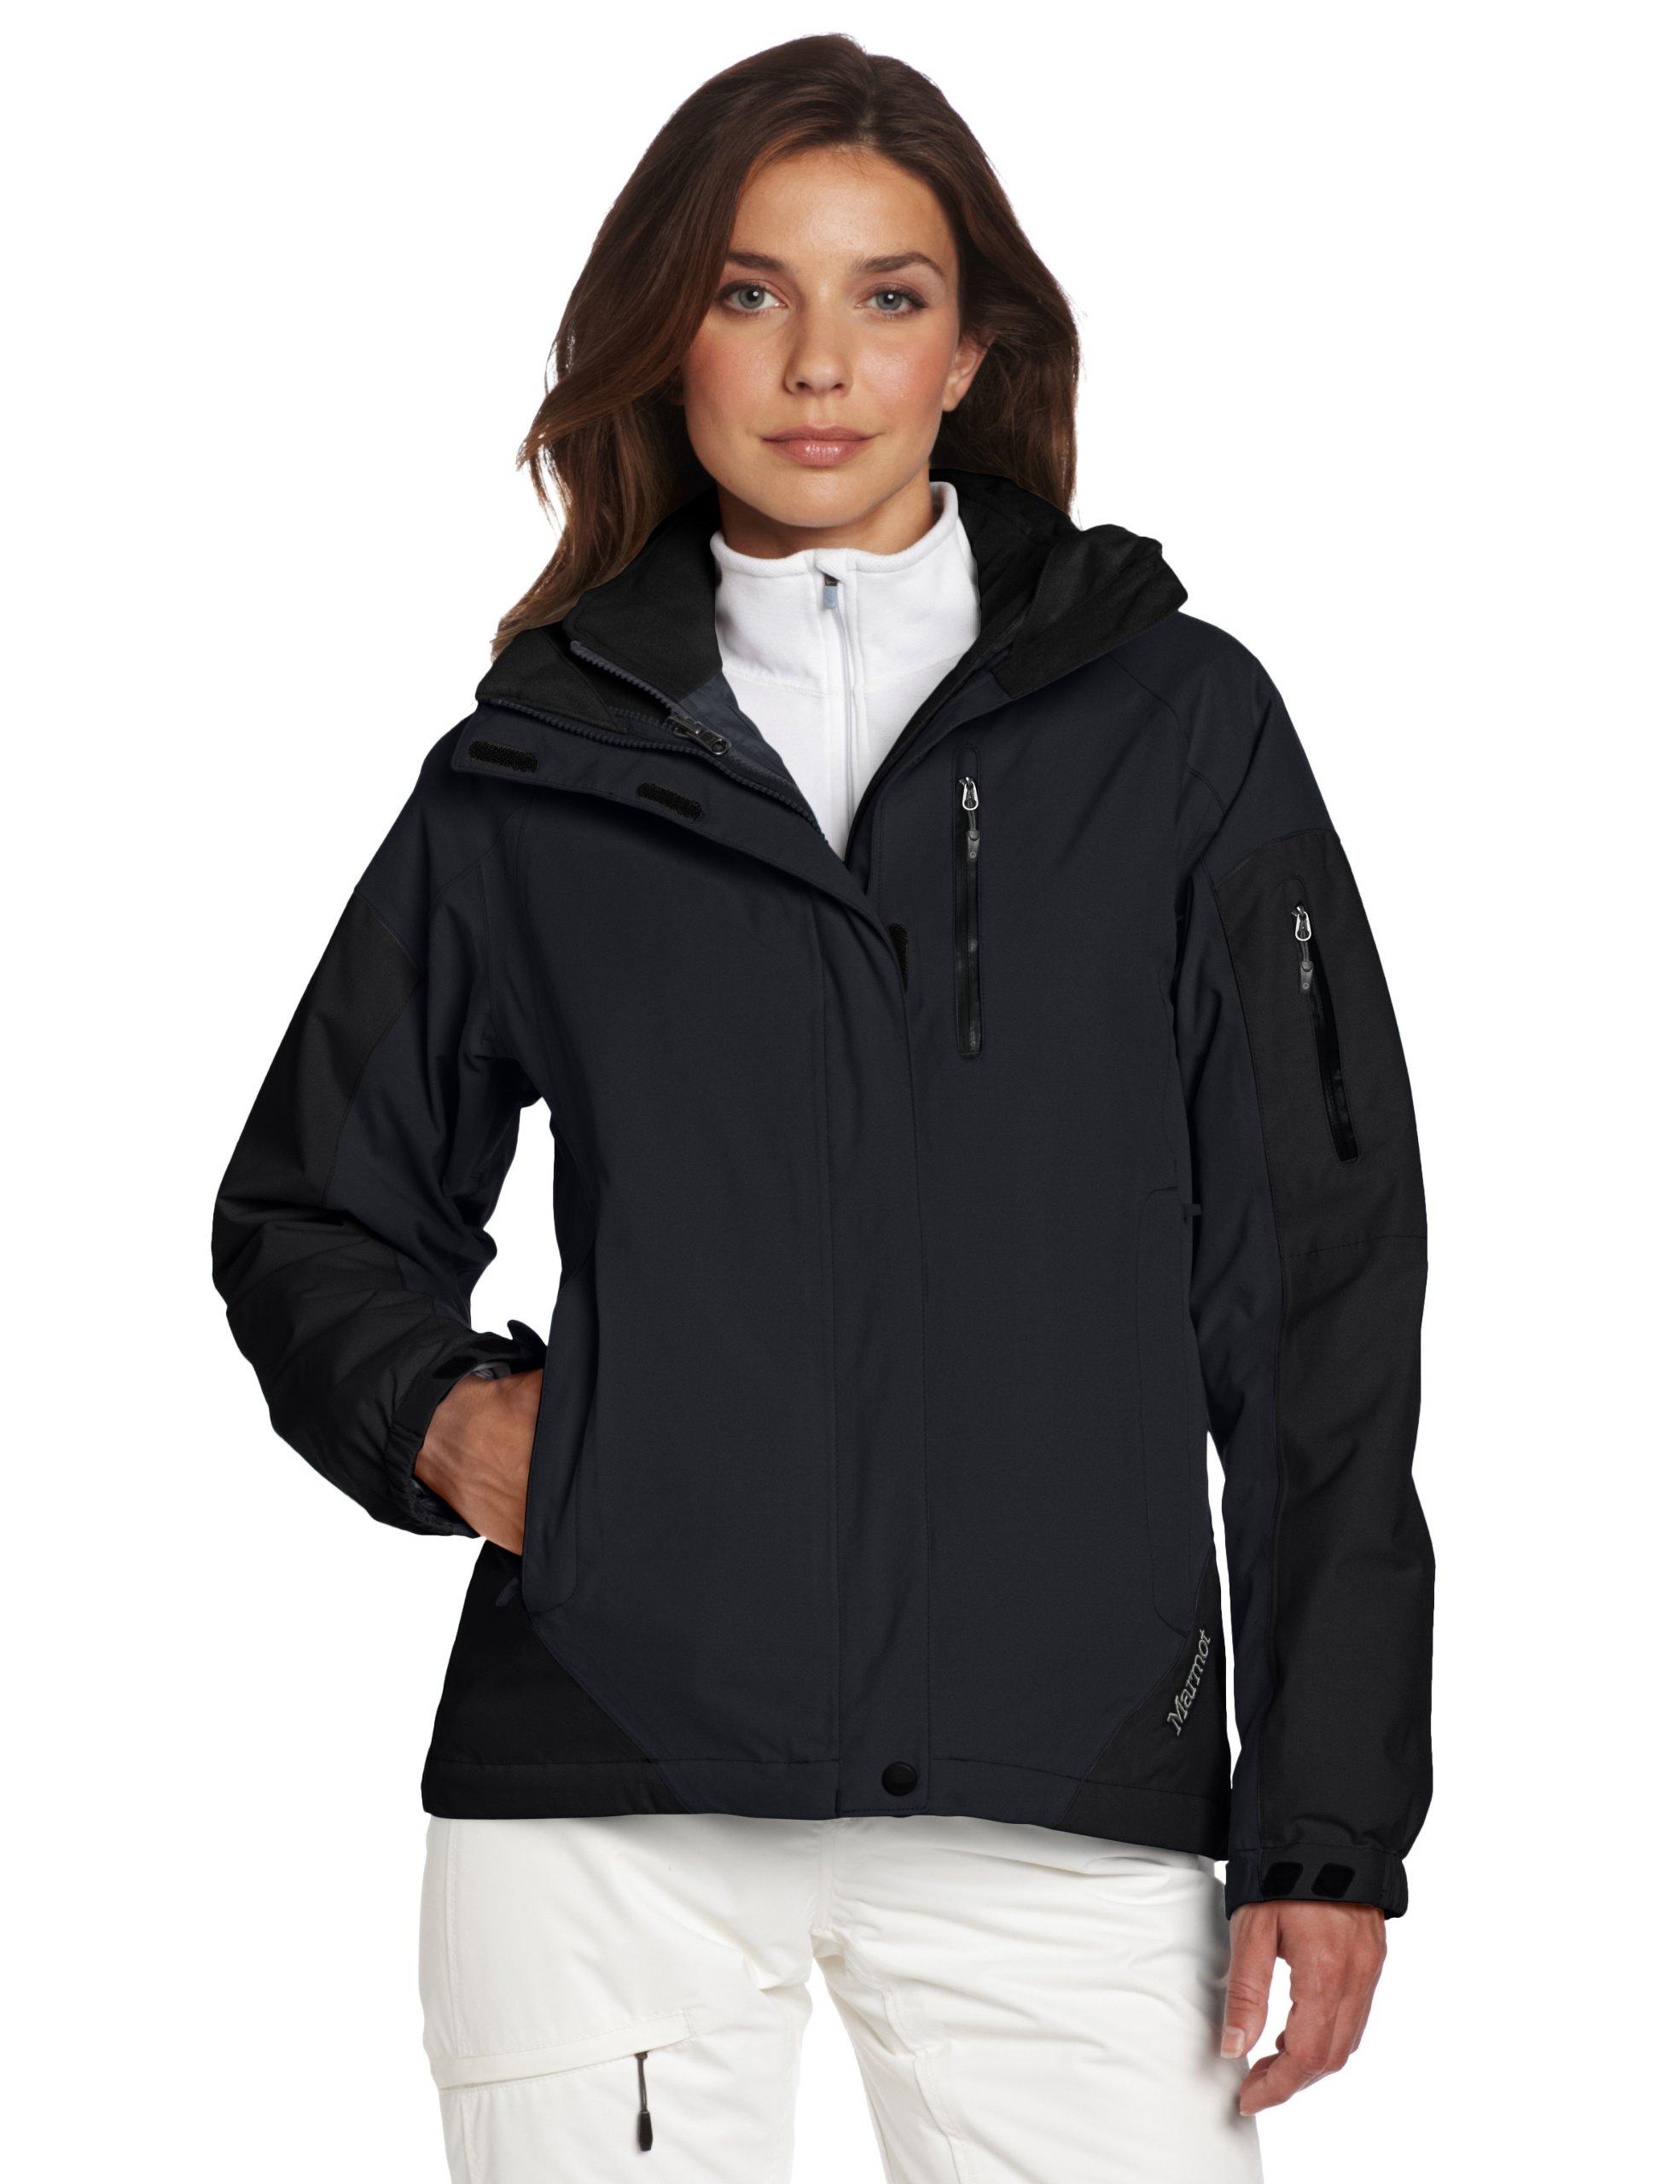 亚马逊美国_Marmot土拨鼠 Women's Tamarack Component Jacket女款三合一冲锋衣